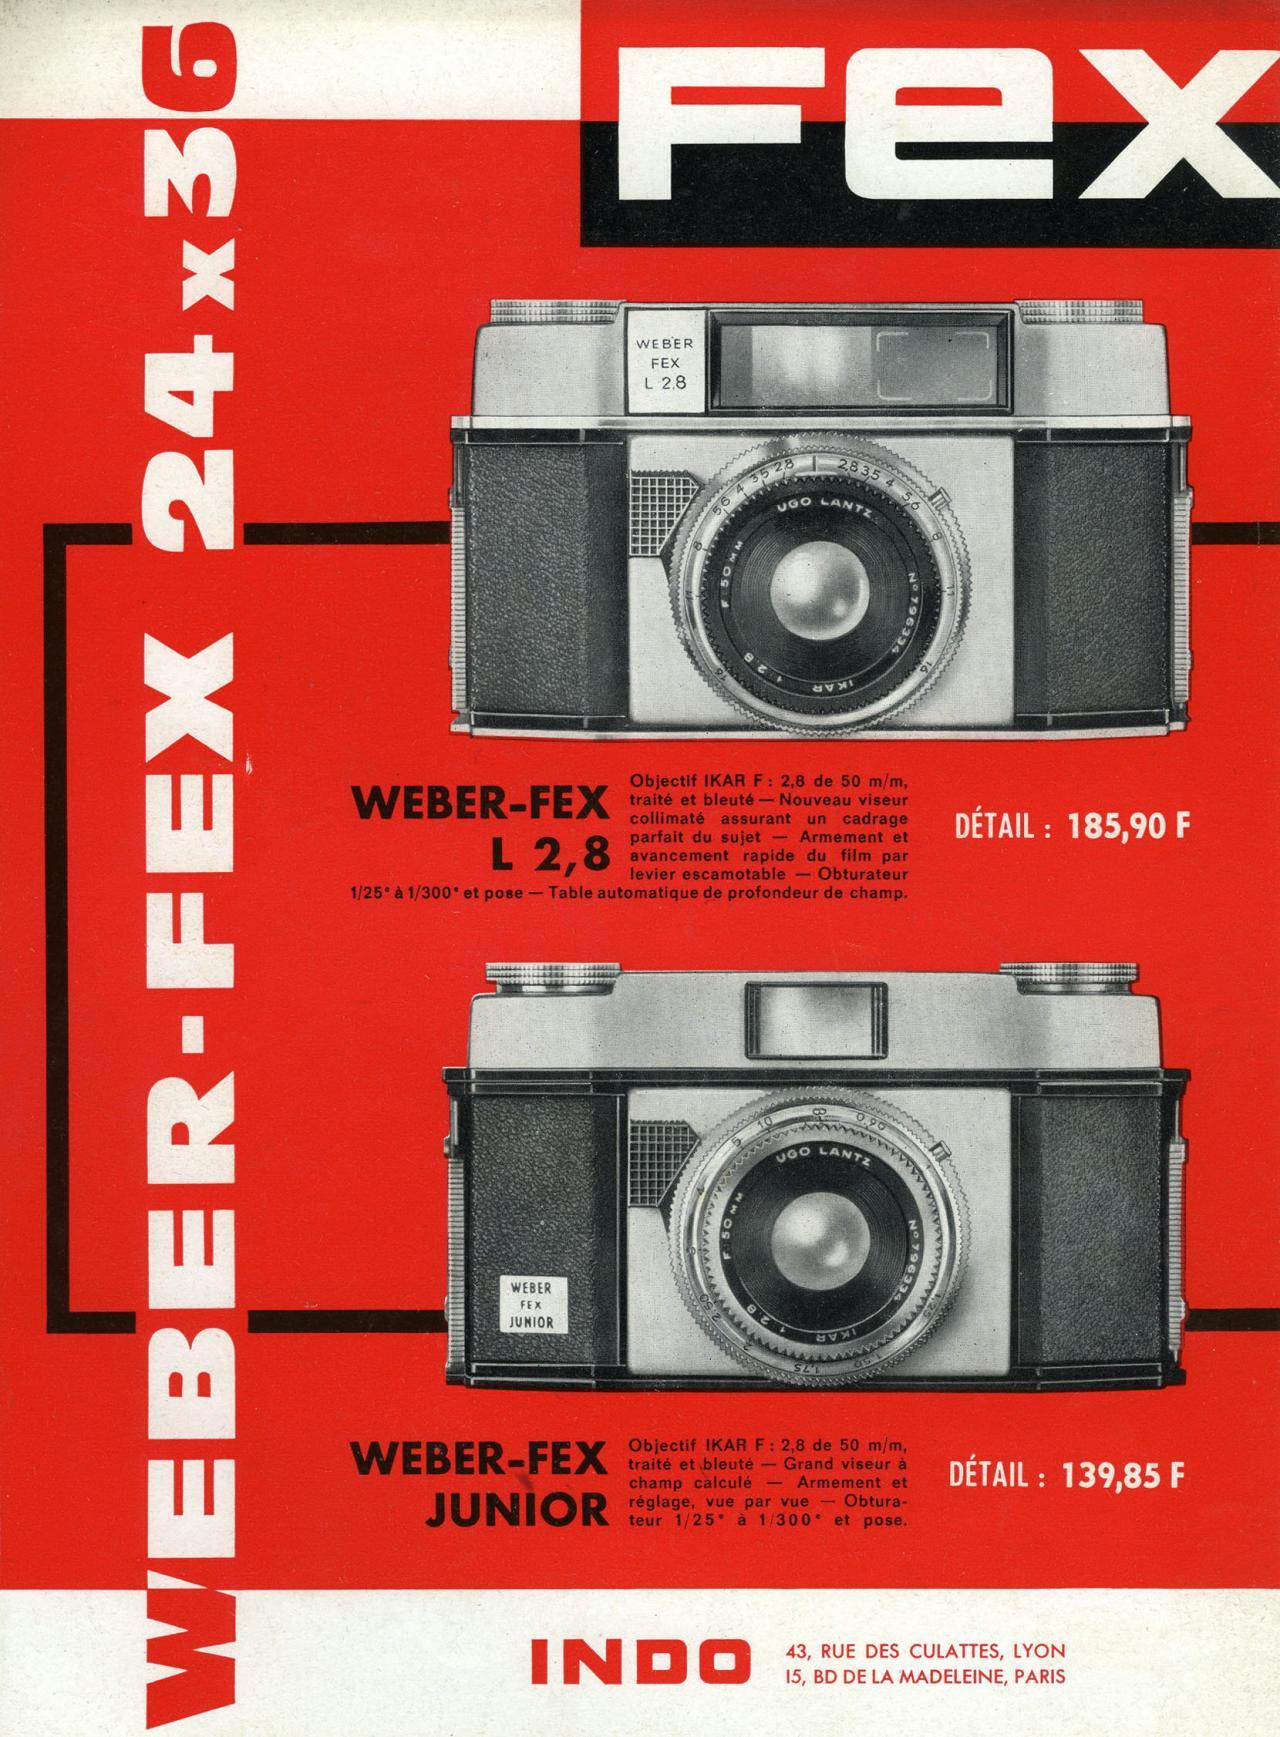 Wallpaper Appareils photos 1205-12 FEX Weber fex 24X36 gris, collection AMI